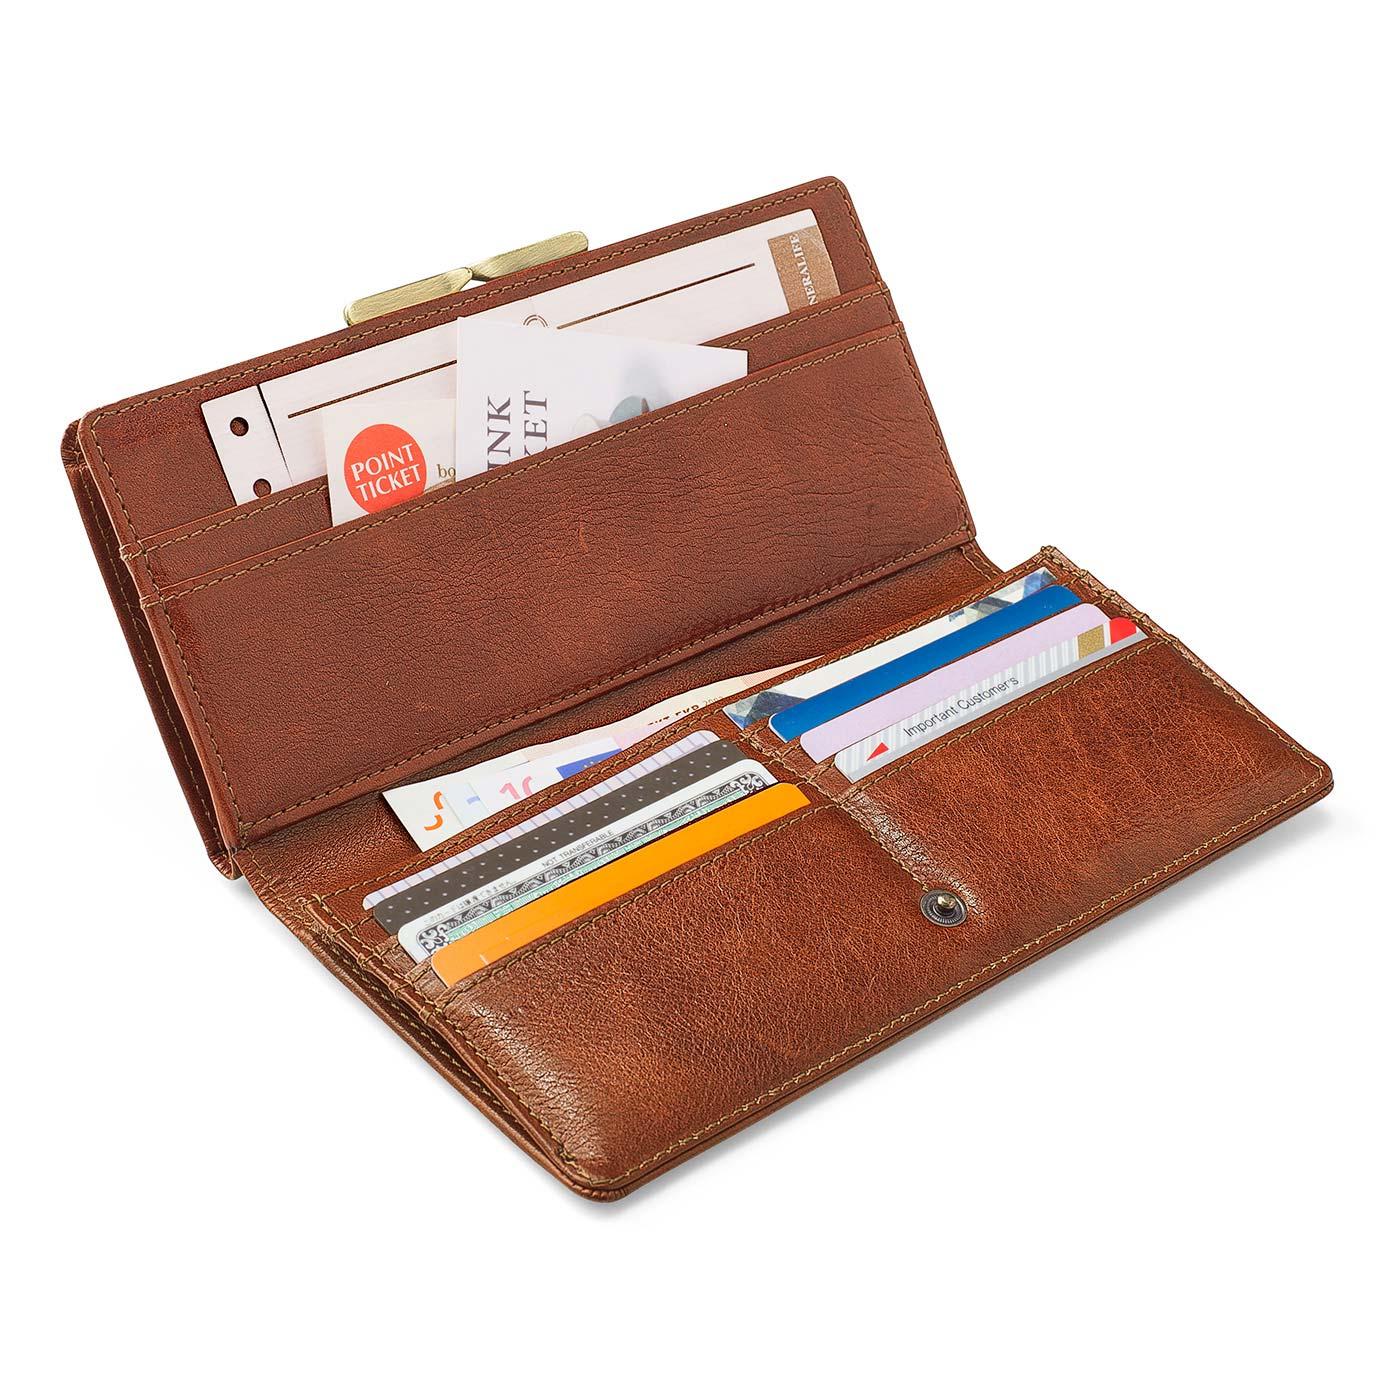 チケットやクーポン入れに便利なワイドポケットに加えて、8枚収納できるカードポケットも付いています